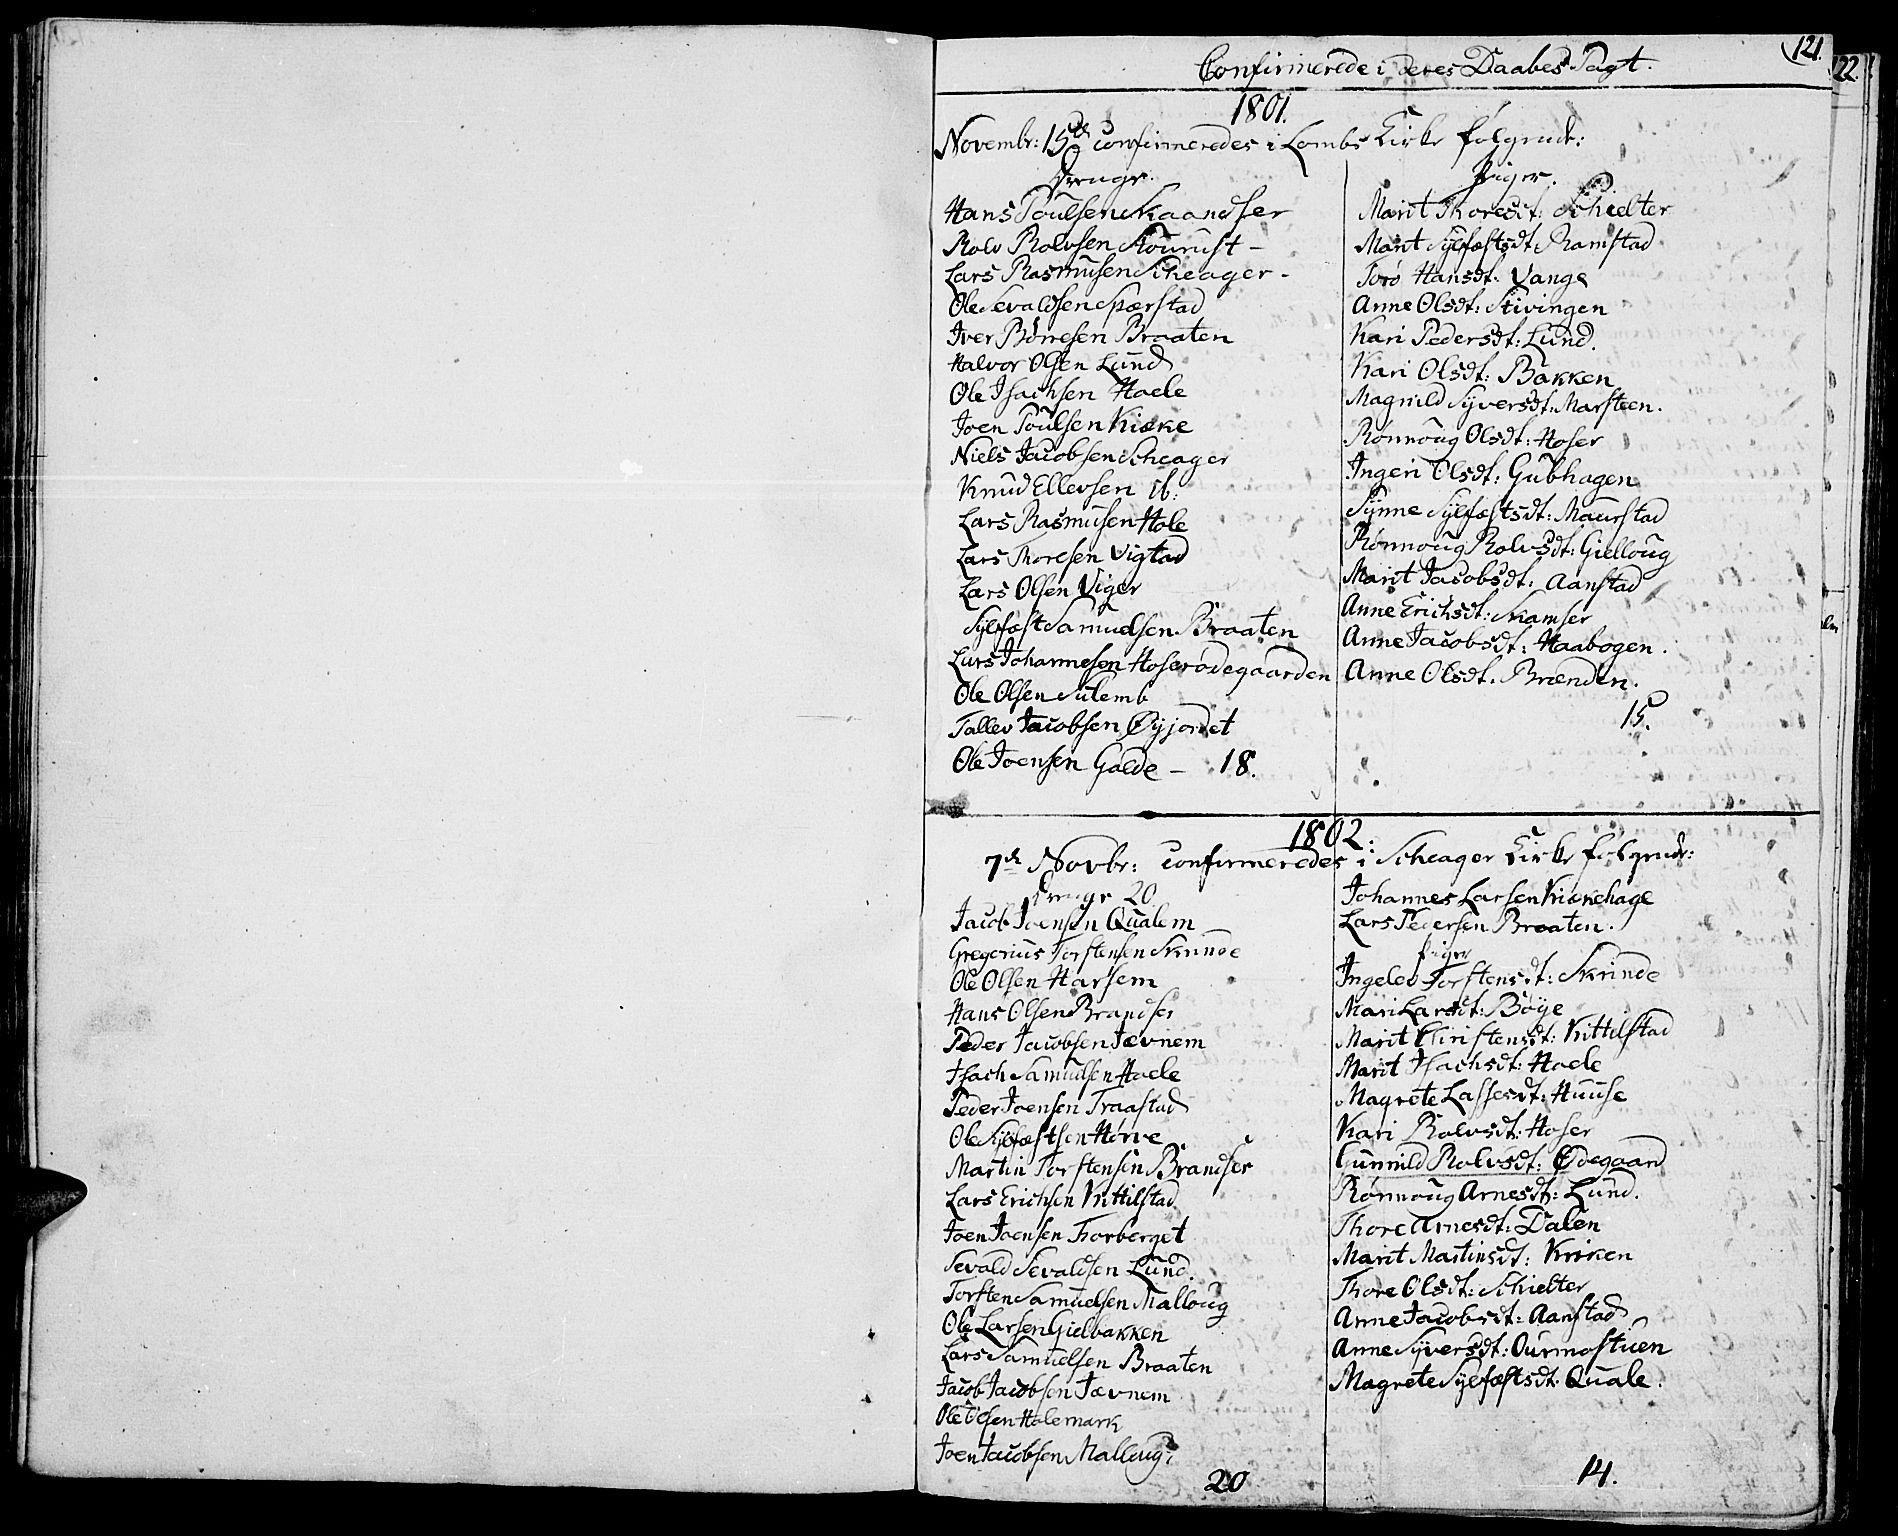 SAH, Lom prestekontor, K/L0003: Ministerialbok nr. 3, 1801-1825, s. 121